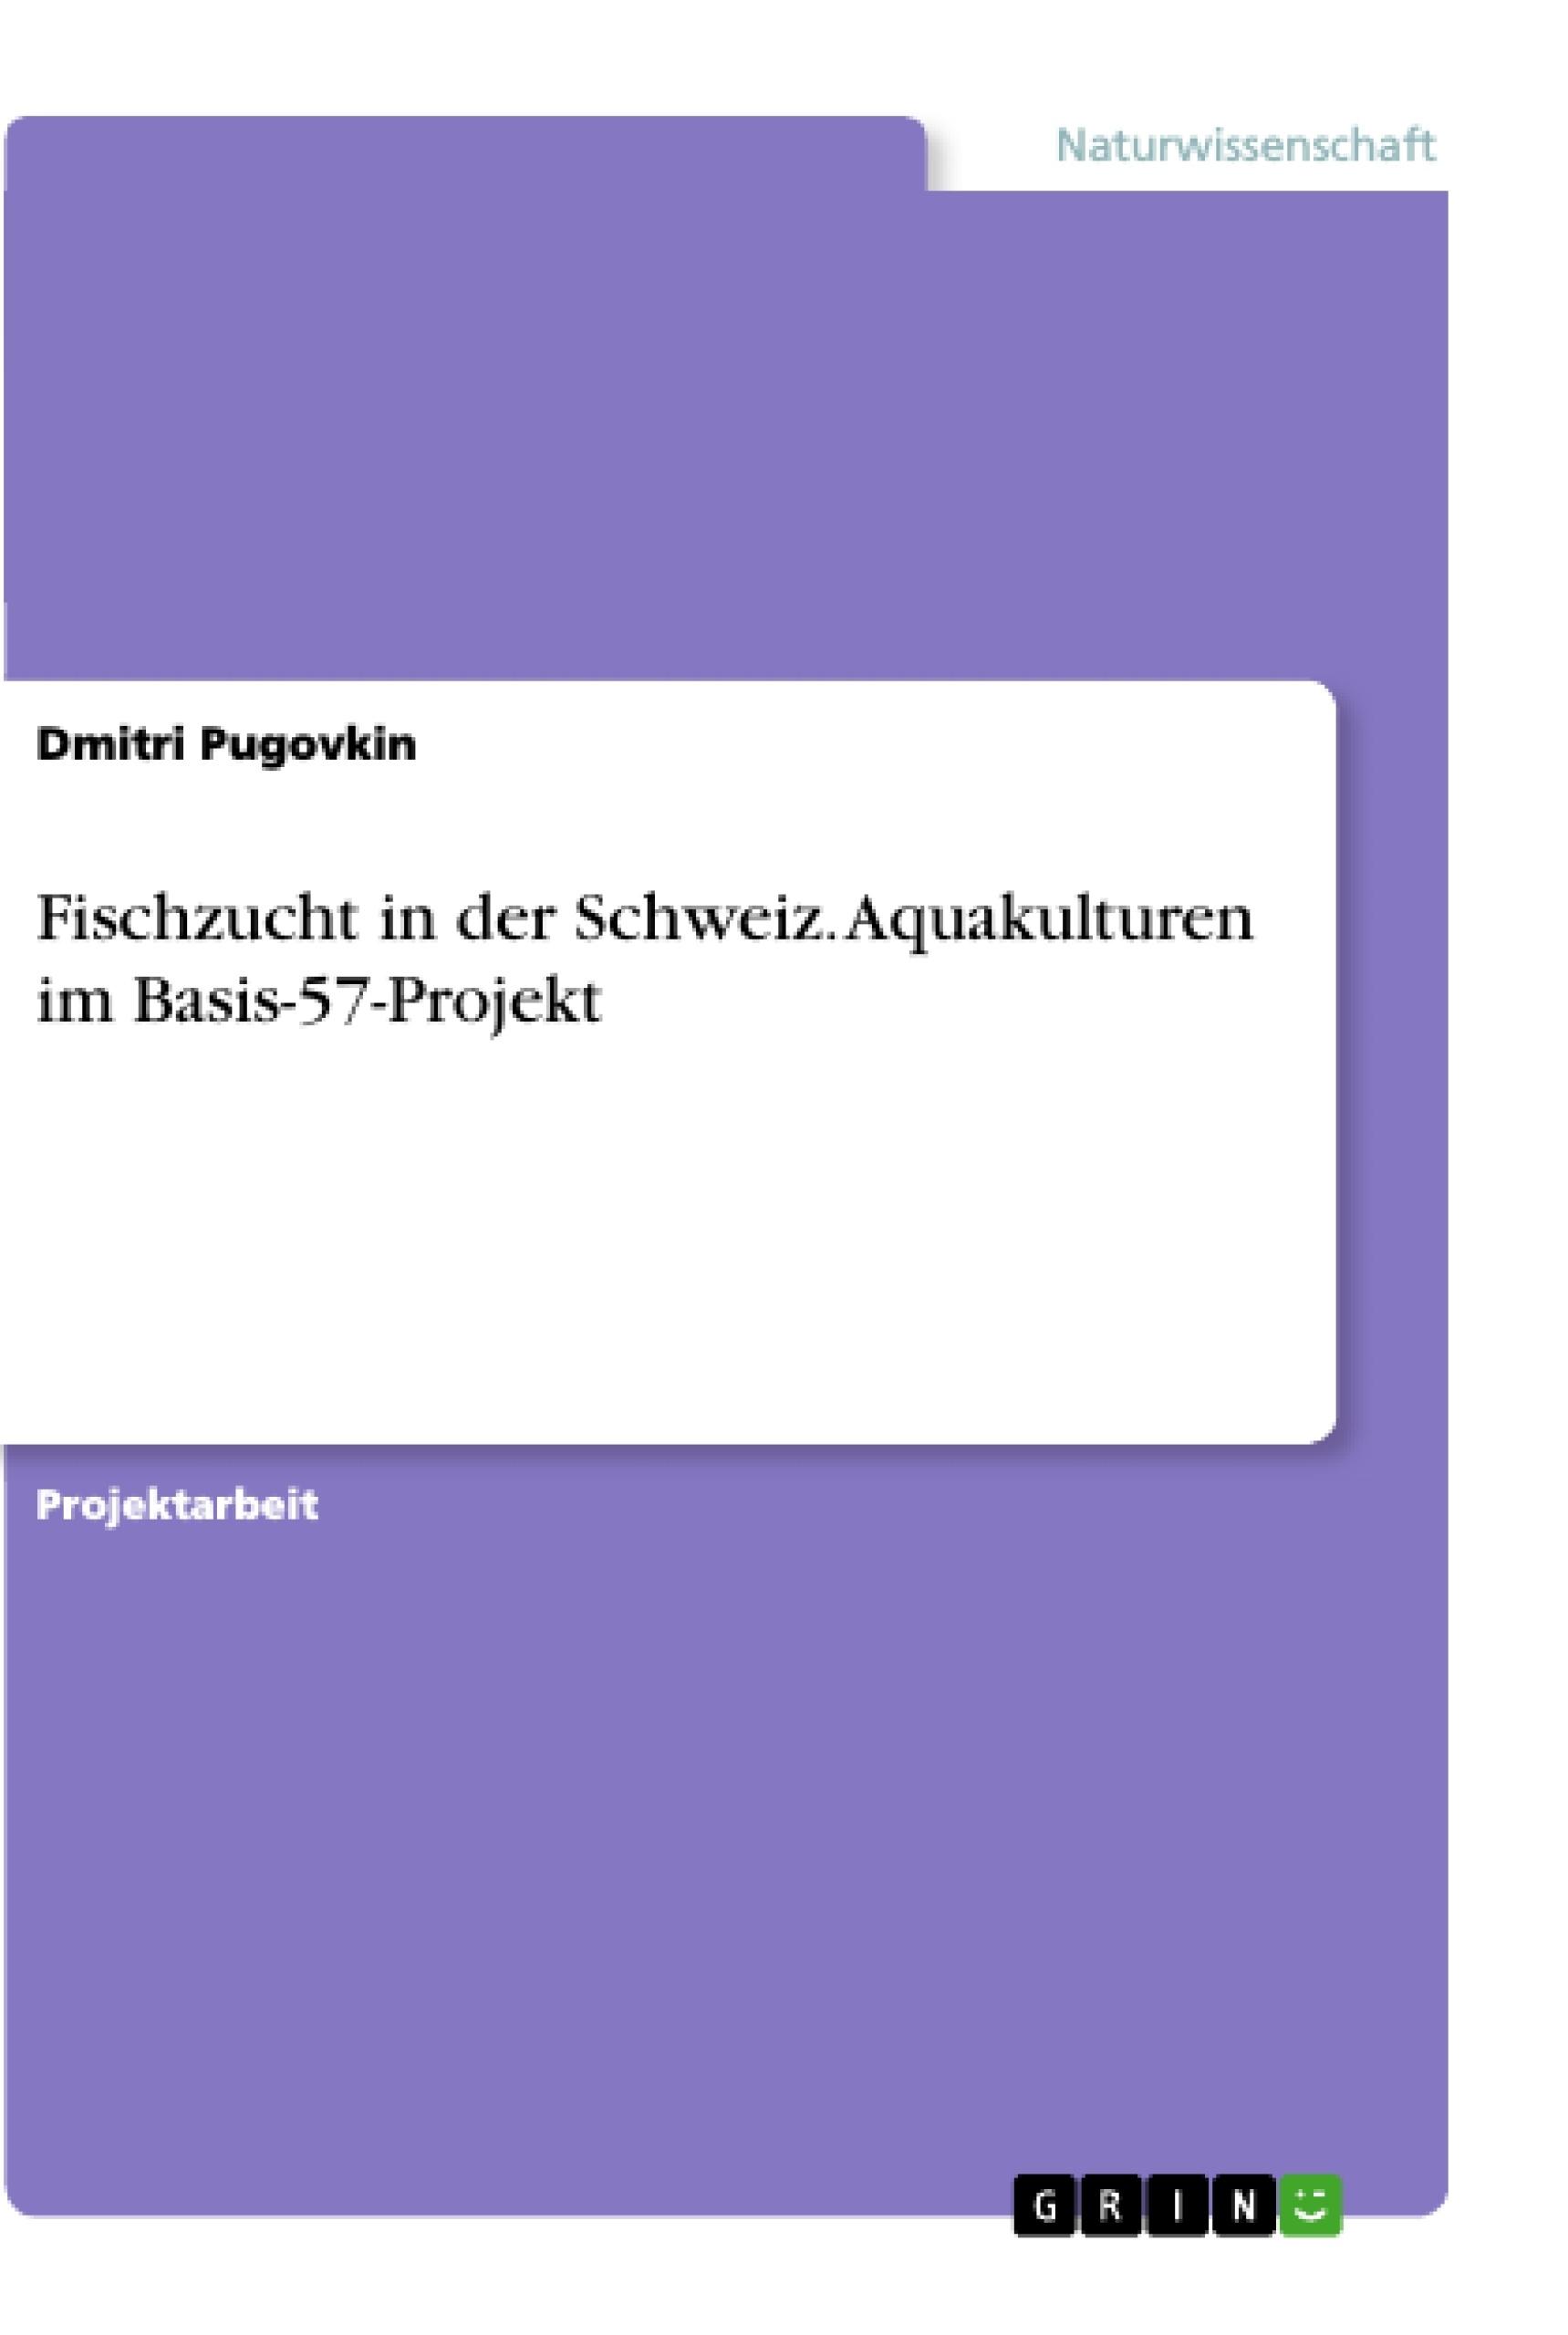 Titel: Fischzucht in der Schweiz. Aquakulturen im Basis-57-Projekt